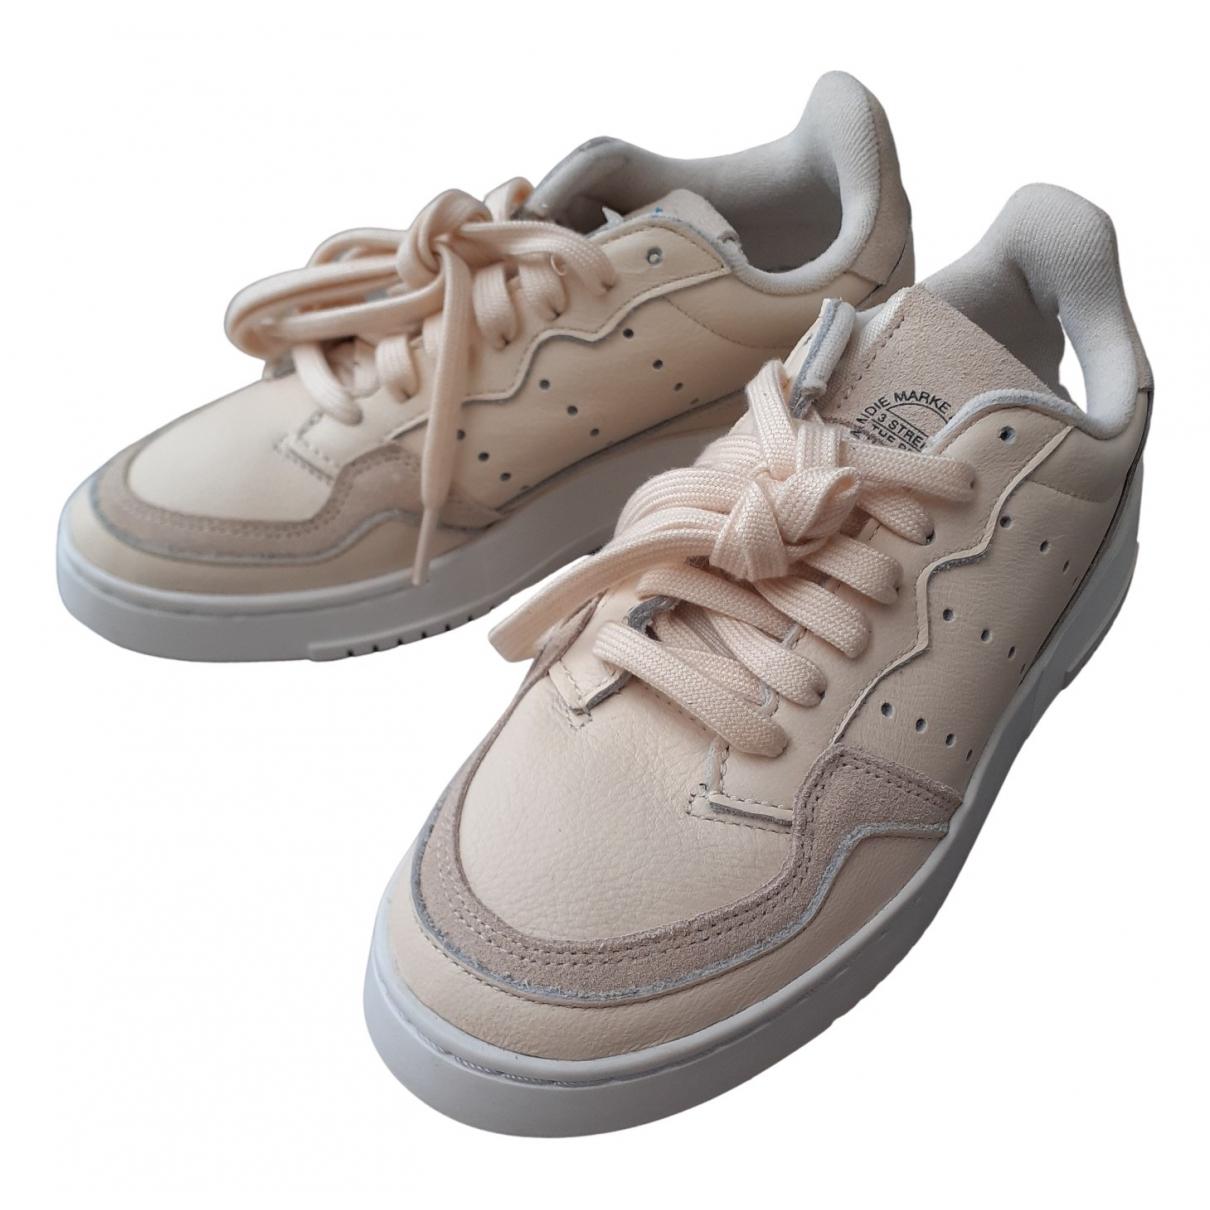 Adidas - Baskets   pour femme - beige